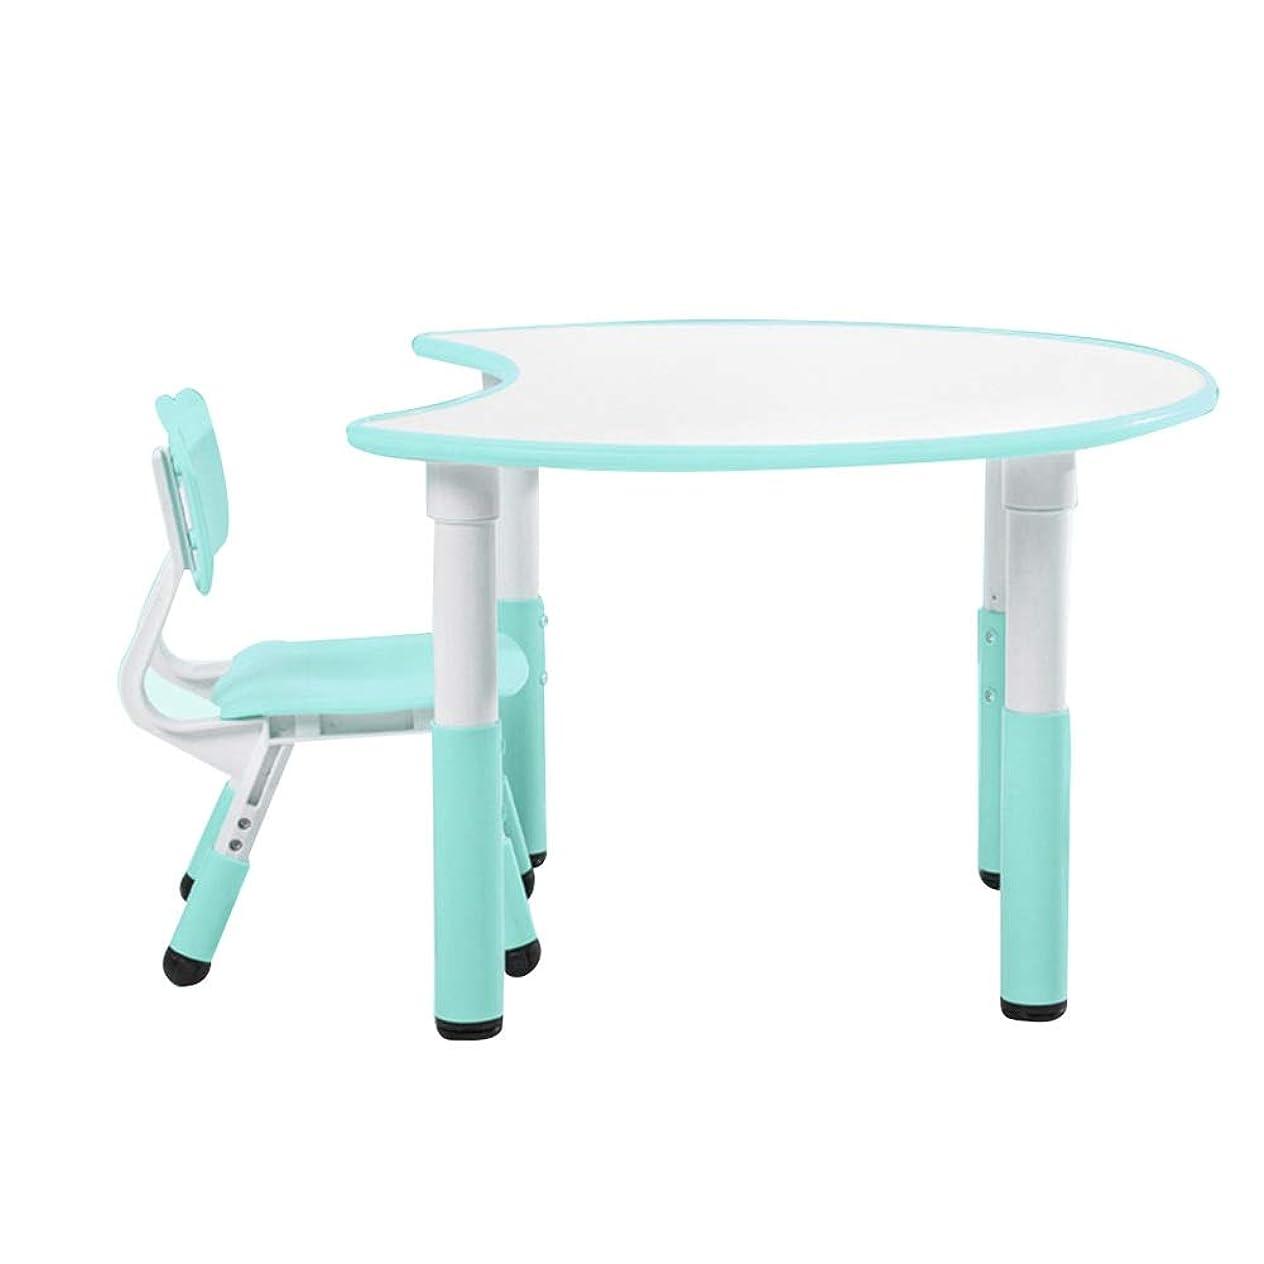 組立入射プランターZHAOHUI キッズテーブルとチェアセット プラスチック 子供用テーブルと椅子 学ぶ ゲーム 食べる 寝室 幼稚園 取り外し可能、 3色 (Color : Blue)